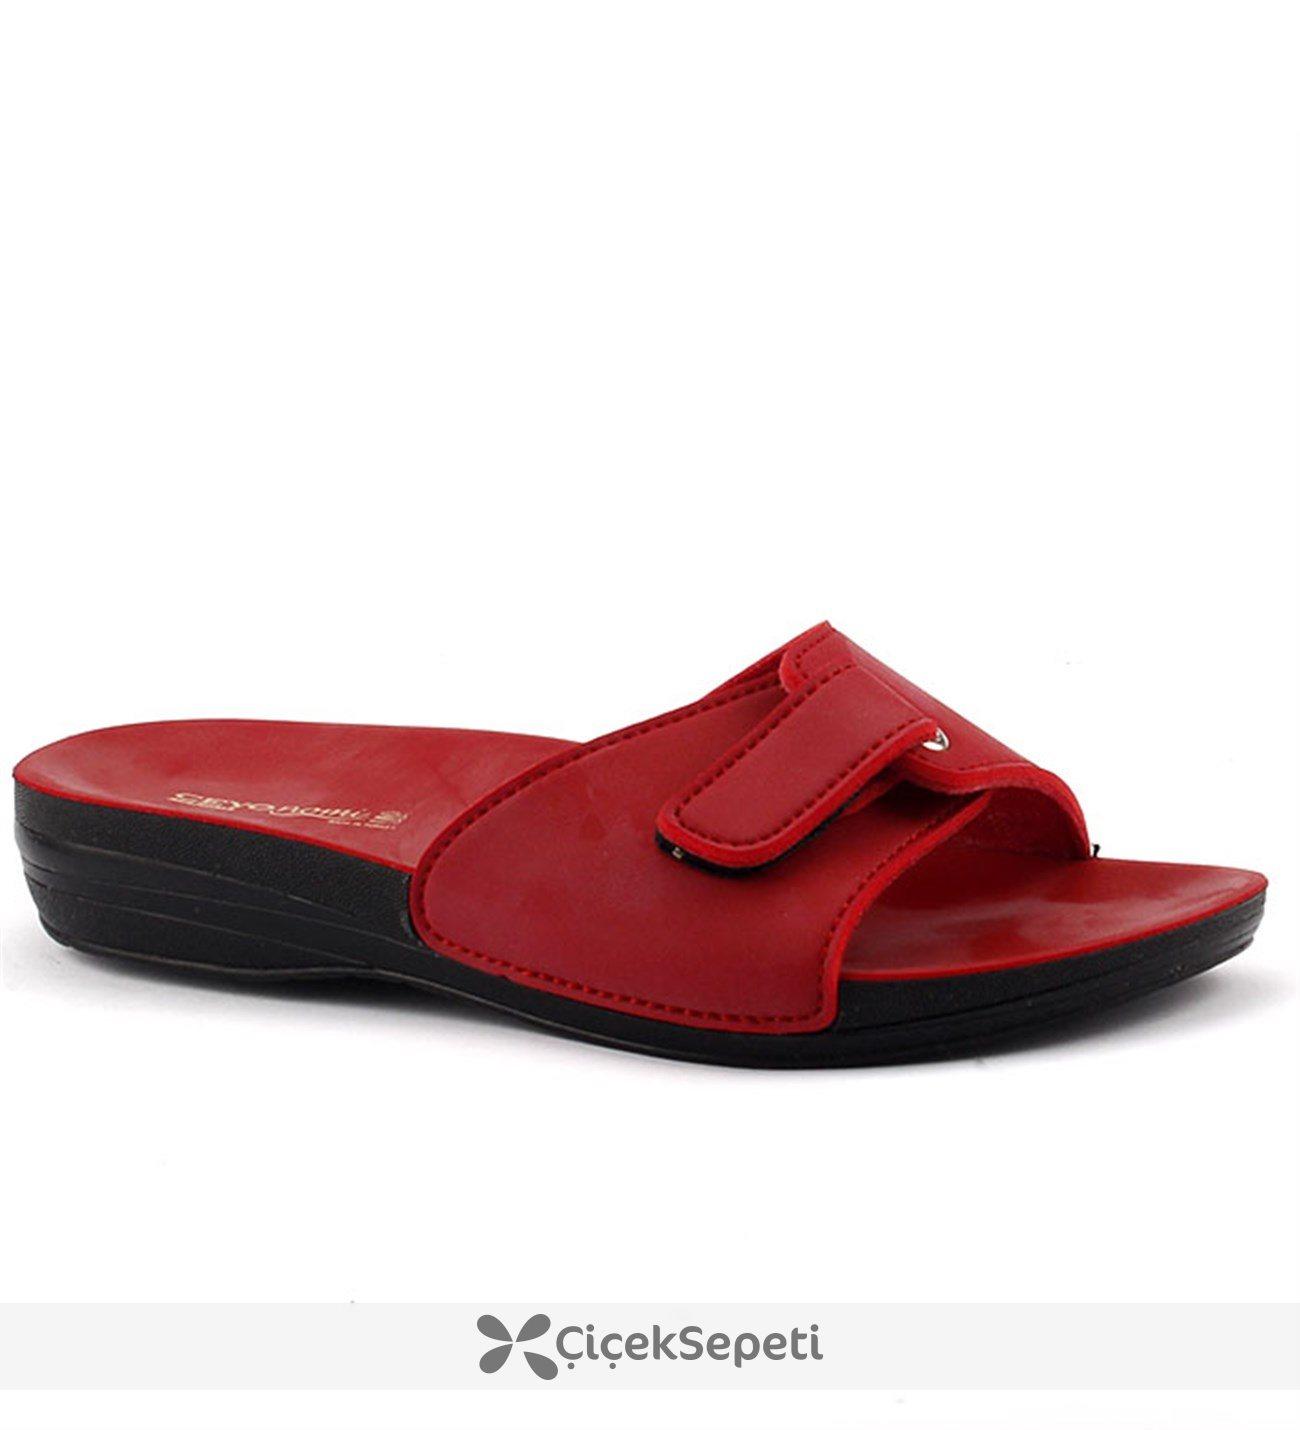 Ceyo Marina-1 Kırmızı Günlük Anatomik Bayan Terlik Ayakkabı